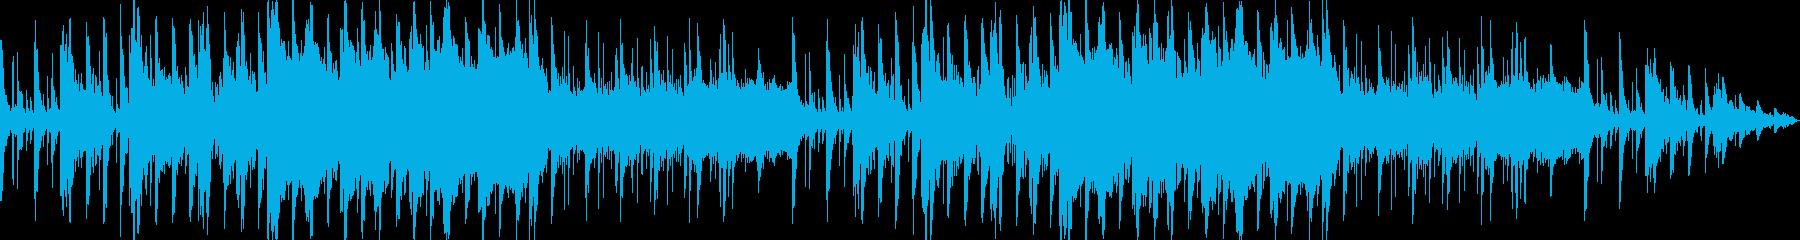 幻想的で美しくも壮大な和風ミュージックの再生済みの波形